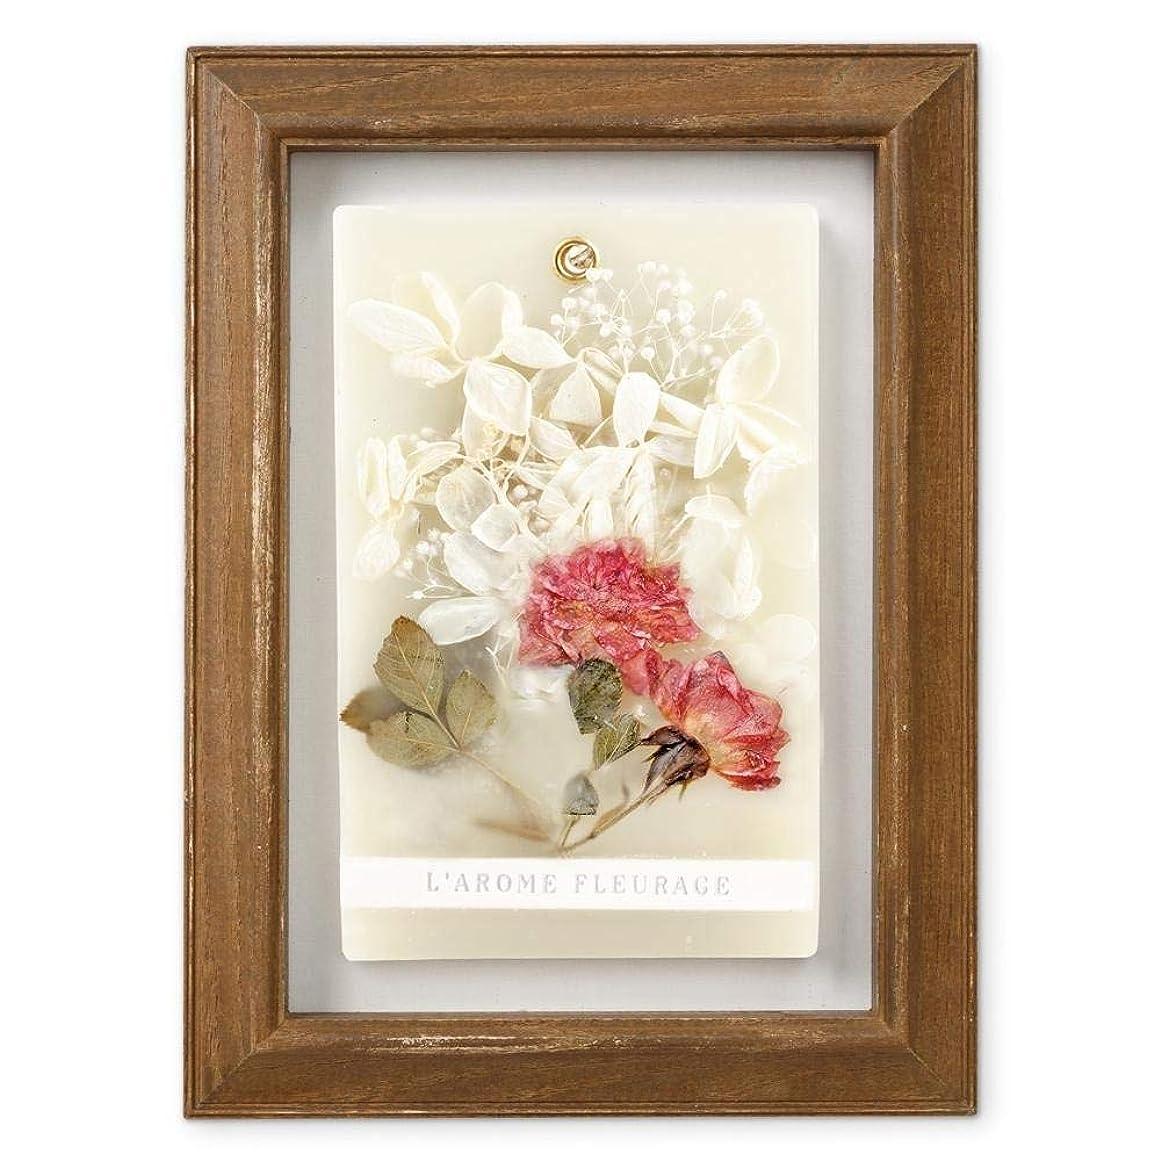 折るガイドリレーFLEURAGE(フルラージュ) アロマワックスサシェ ワイルドローズの香り Rose×AntiqueBrown KH-61122